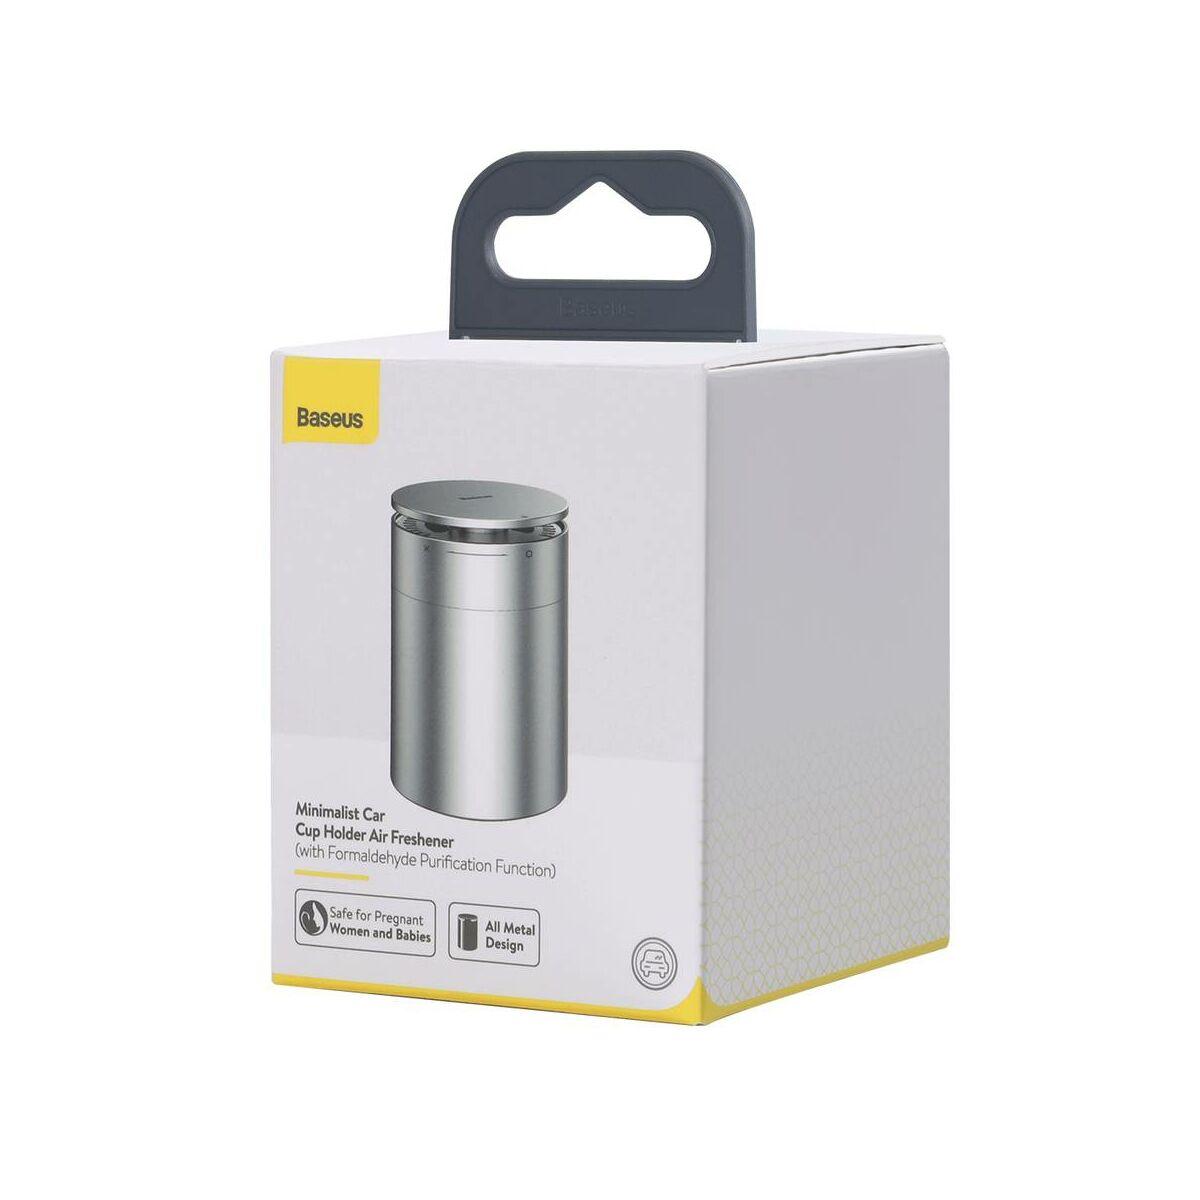 Baseus autós kiegészítő Minimalist pohártartóba való légfrissítő, Cologne illattal (Formaldehydes tisztító funkció), fekete (SUXUN-CL01)